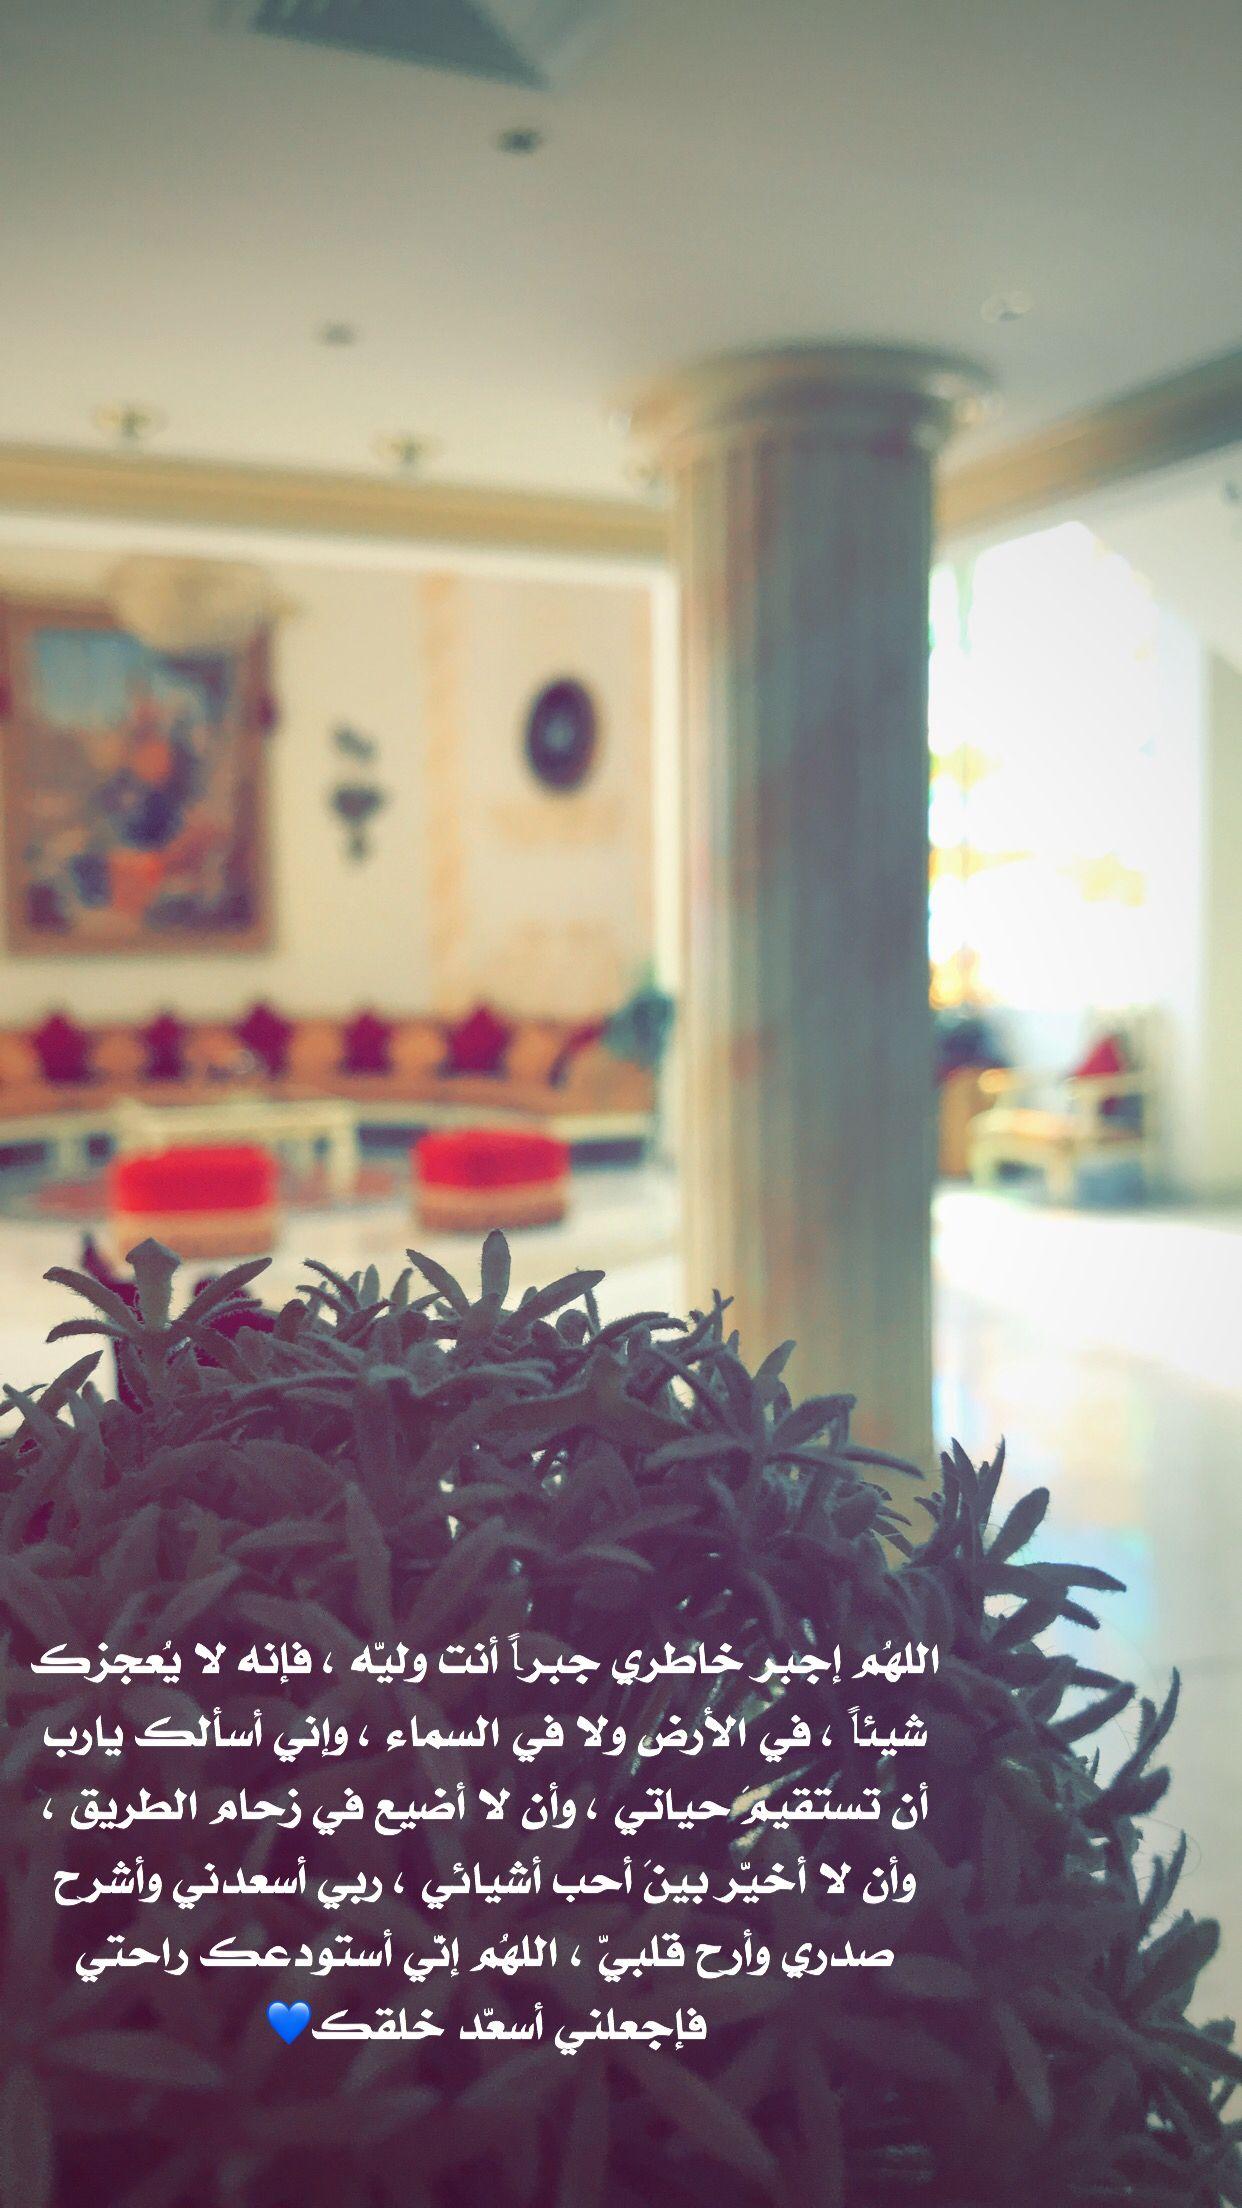 عبارات سناب Quran Book Alive Quotes Arabic Love Quotes